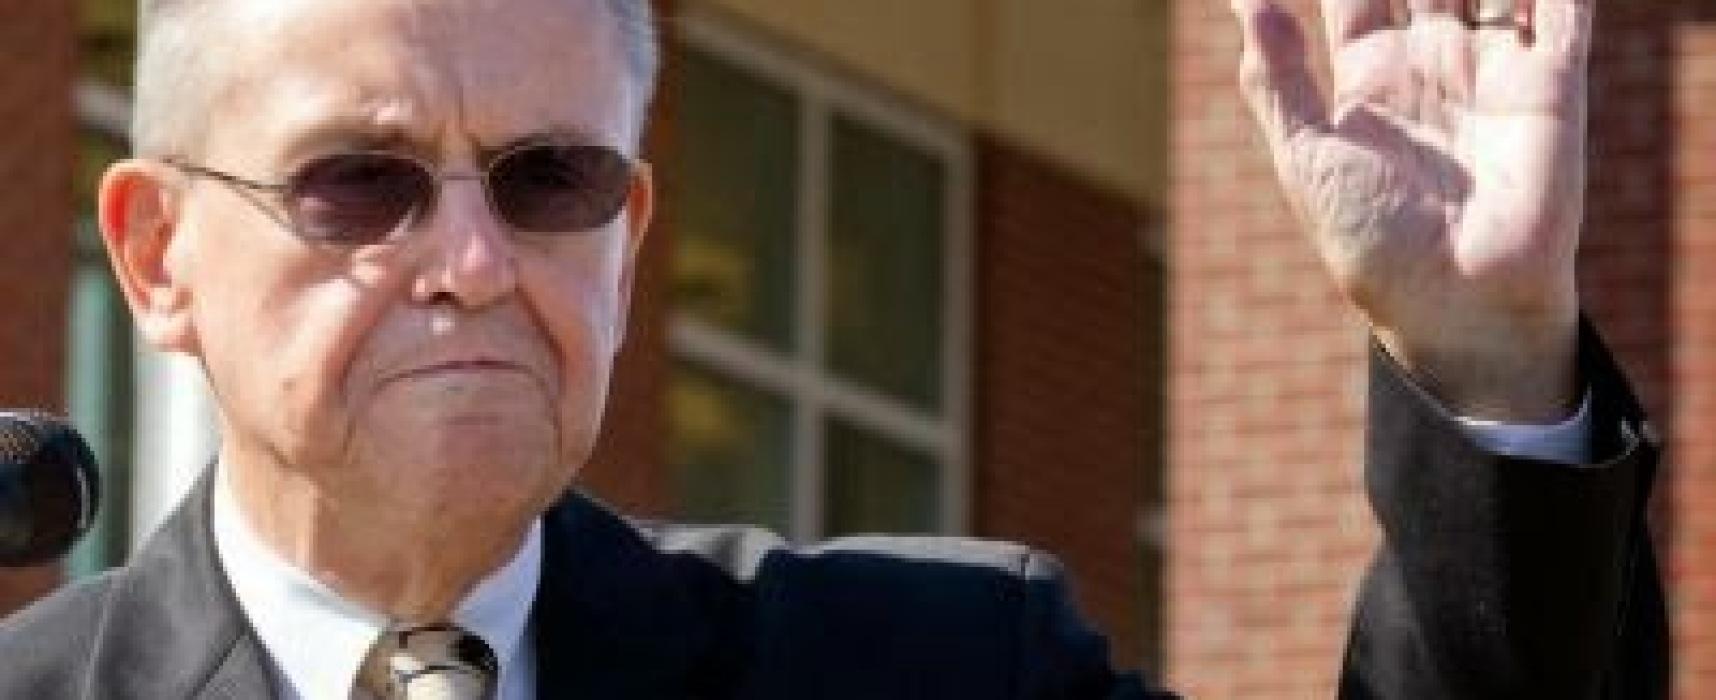 Juez cristiano renuncia a su cargo rehusándose a casar homosexuales